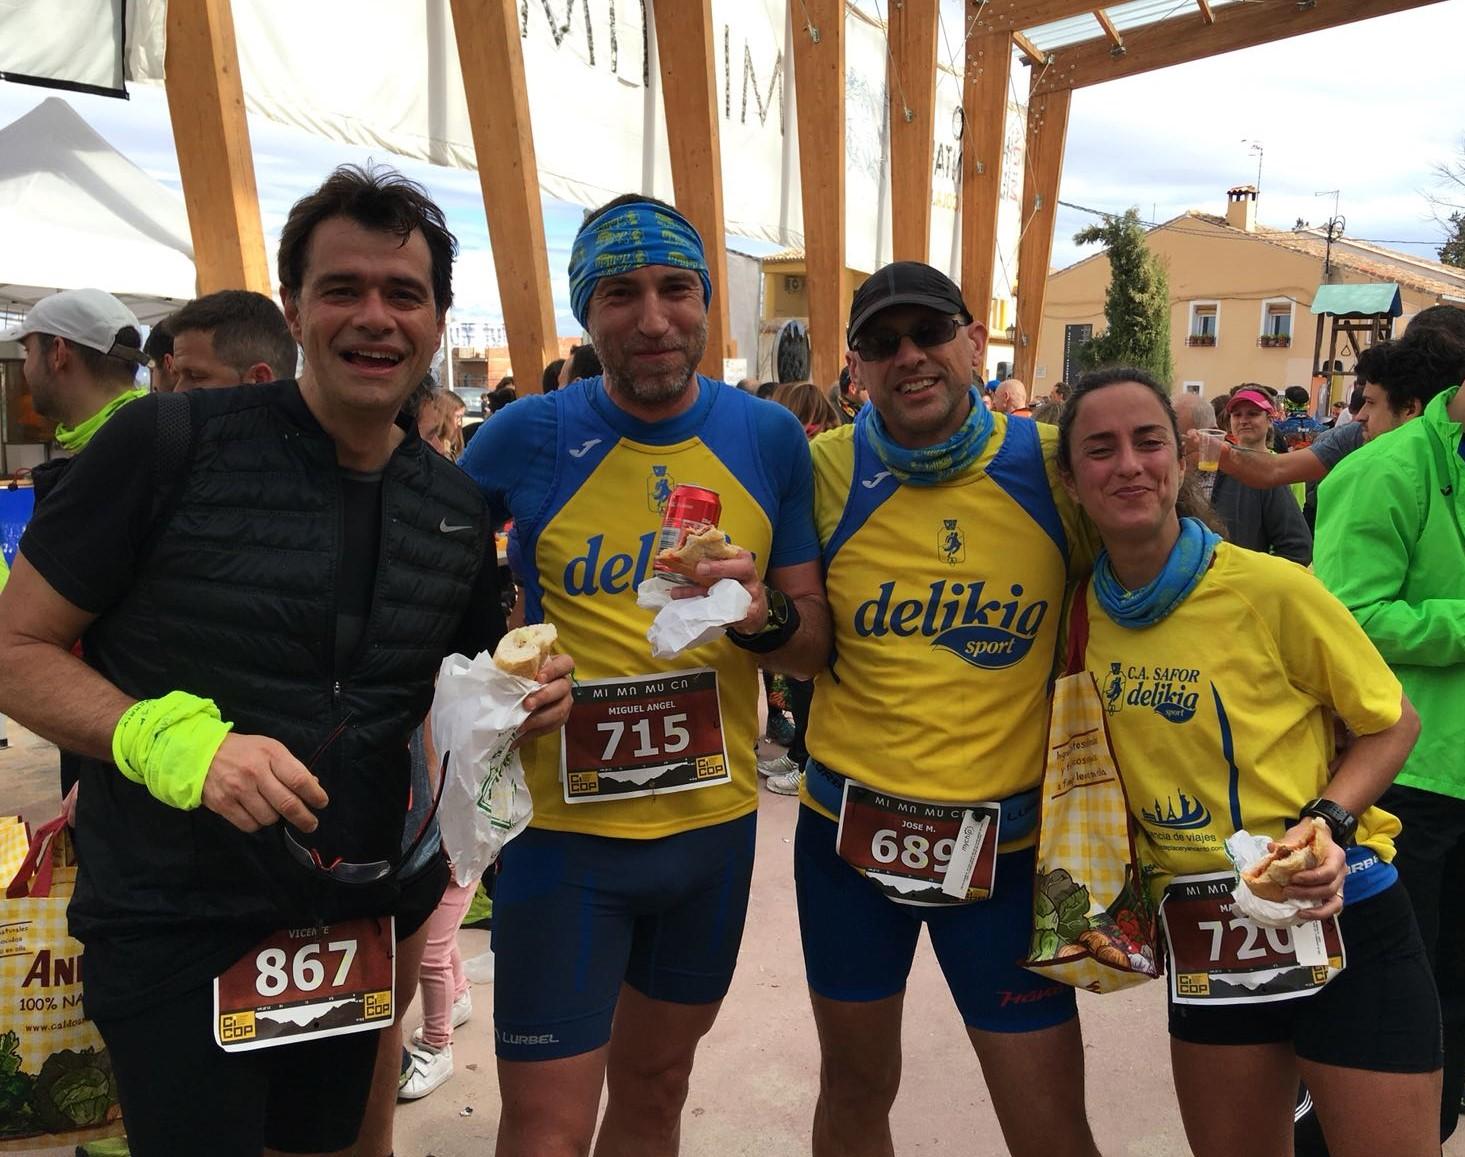 Alguns dels participants a la Mitja Marató de Muntanya de Carrícola.